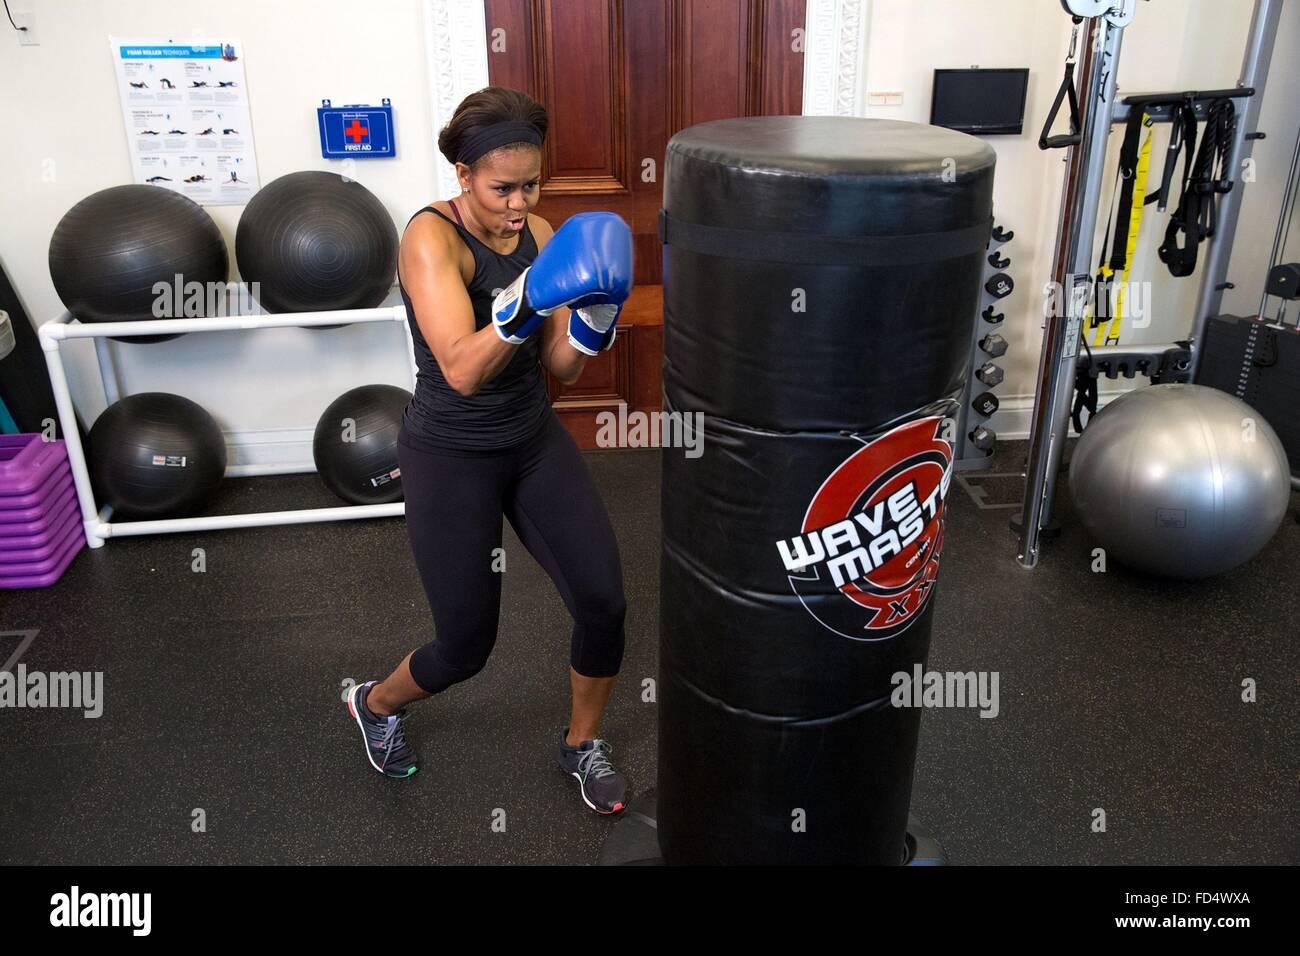 La Première Dame Michelle Obama démontre ses compétences en boxe lors d'un enregistrement vidéo Photo Stock